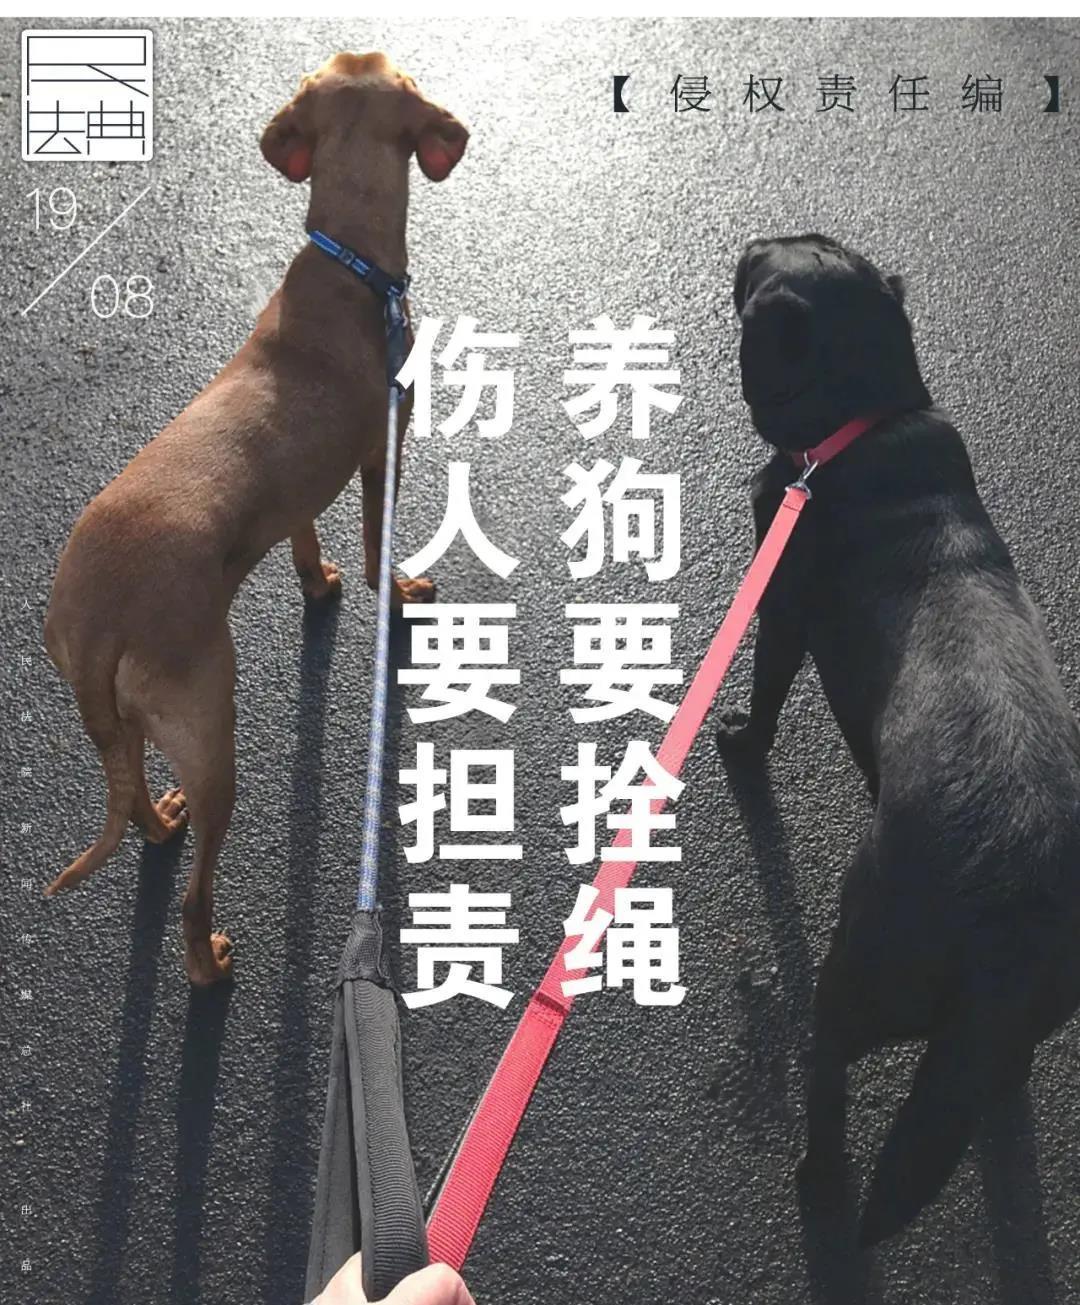 【刷网站流量】_骑车女子被不牵绳藏獒吓得撞墙致高位截瘫,犬主被判赔超百万